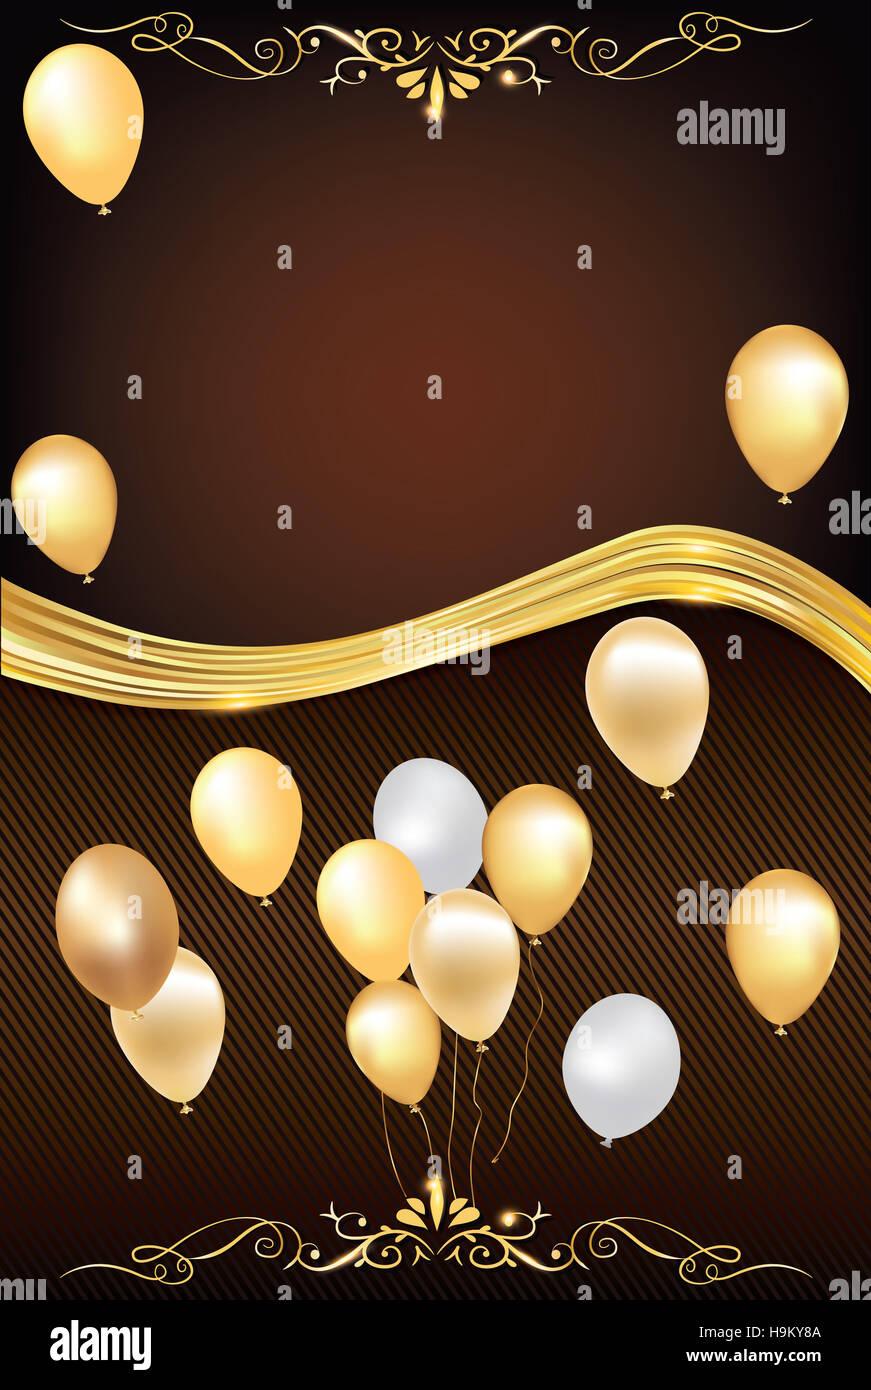 Celebración Del Fondo Con Globos Para Cualquier Ocasión